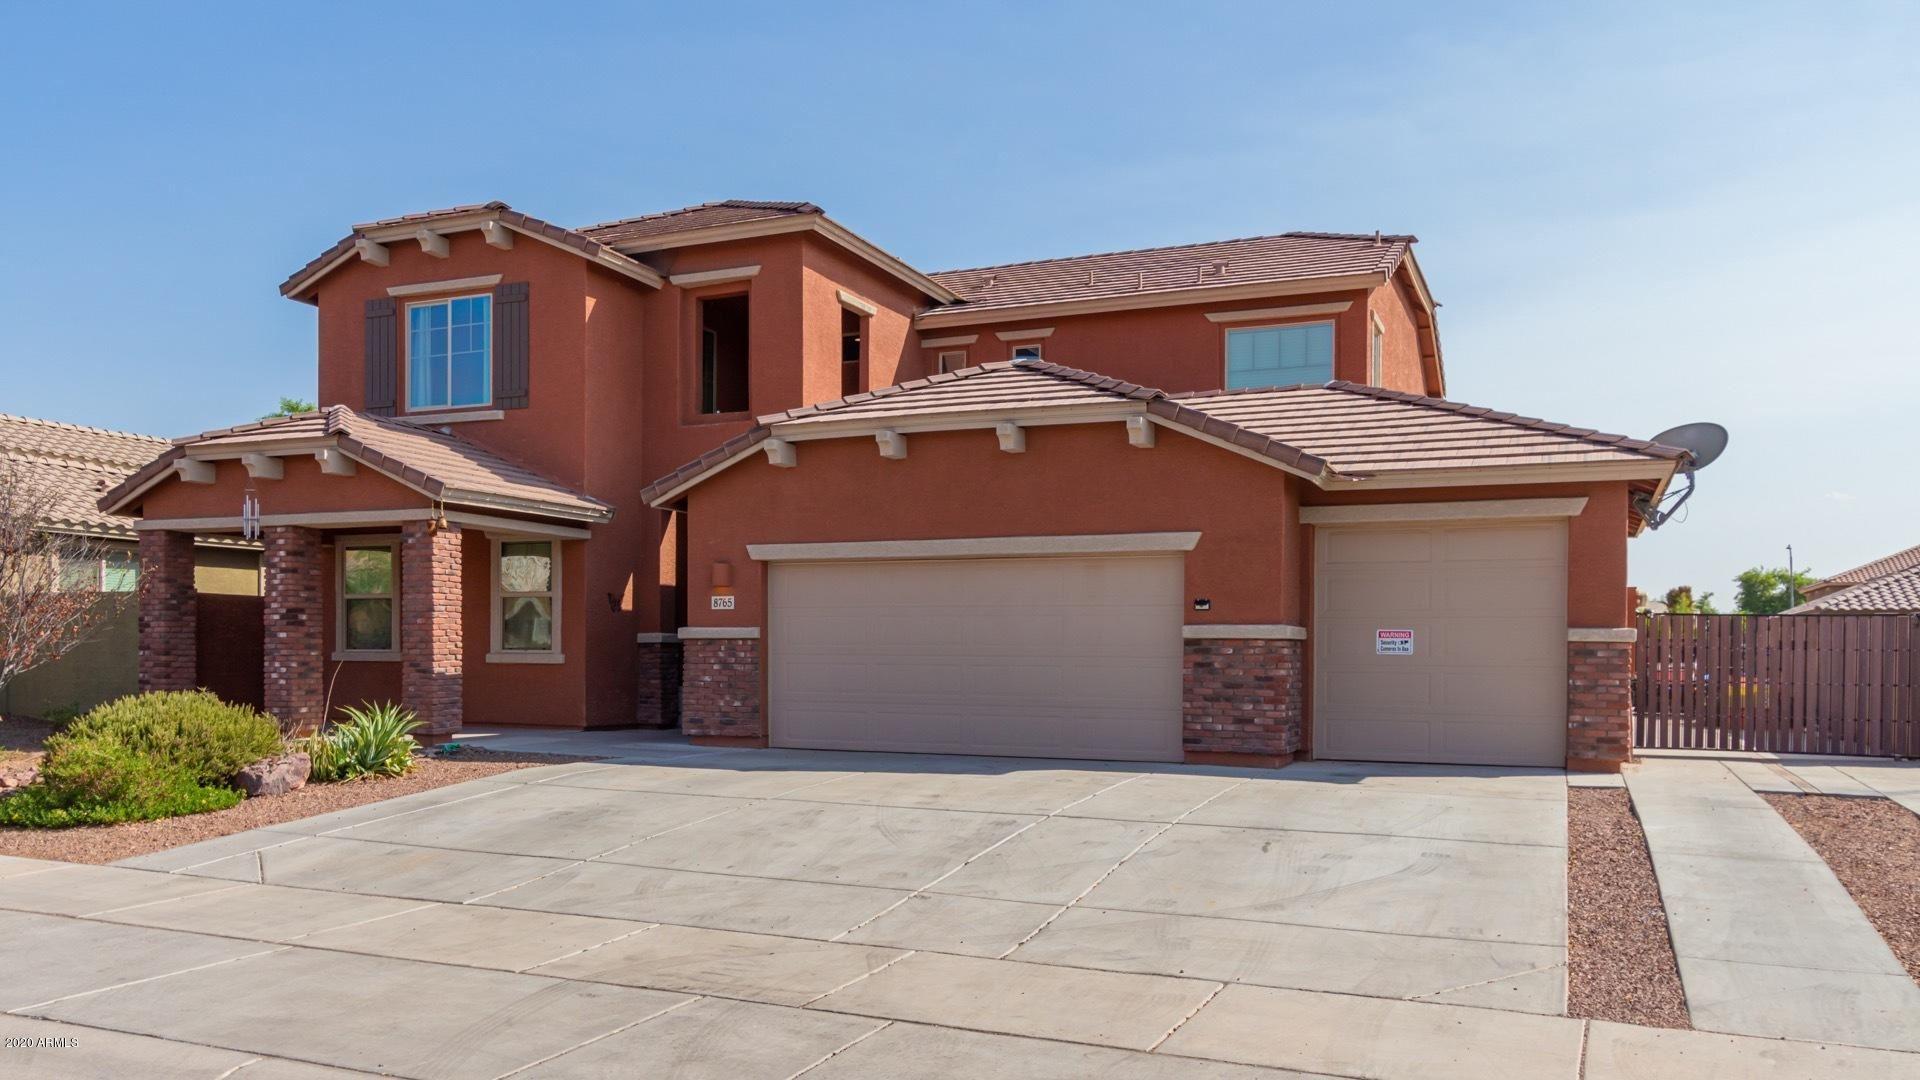 8765 W PEPPERTREE Lane, Glendale, AZ 85305 - MLS#: 6133048